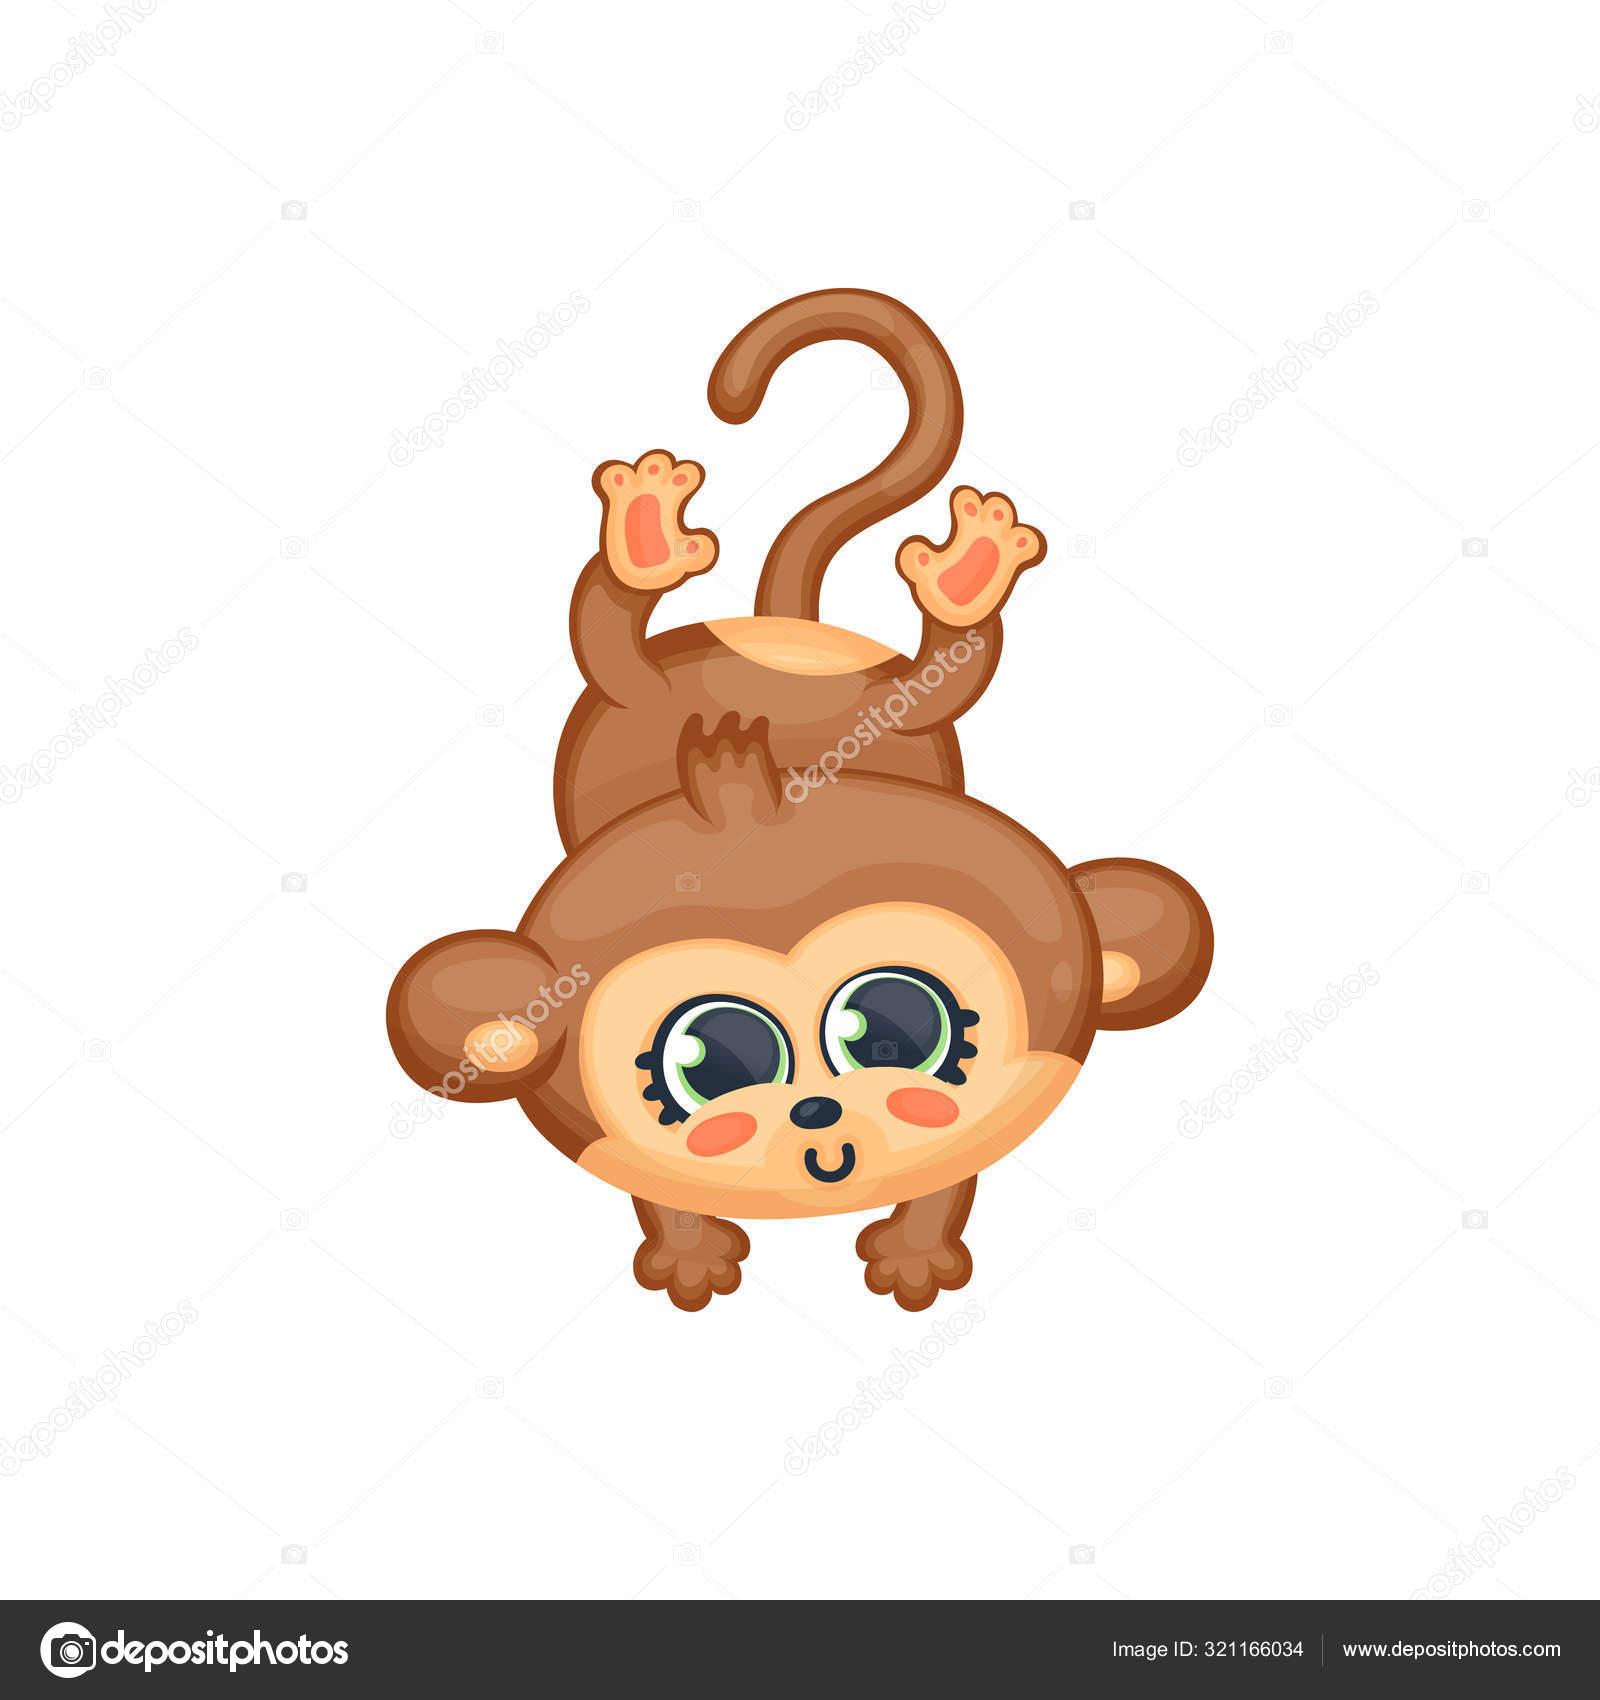 Macaco Bebe Ou Chimp Personagem Pulando Ilustracao Vetorial